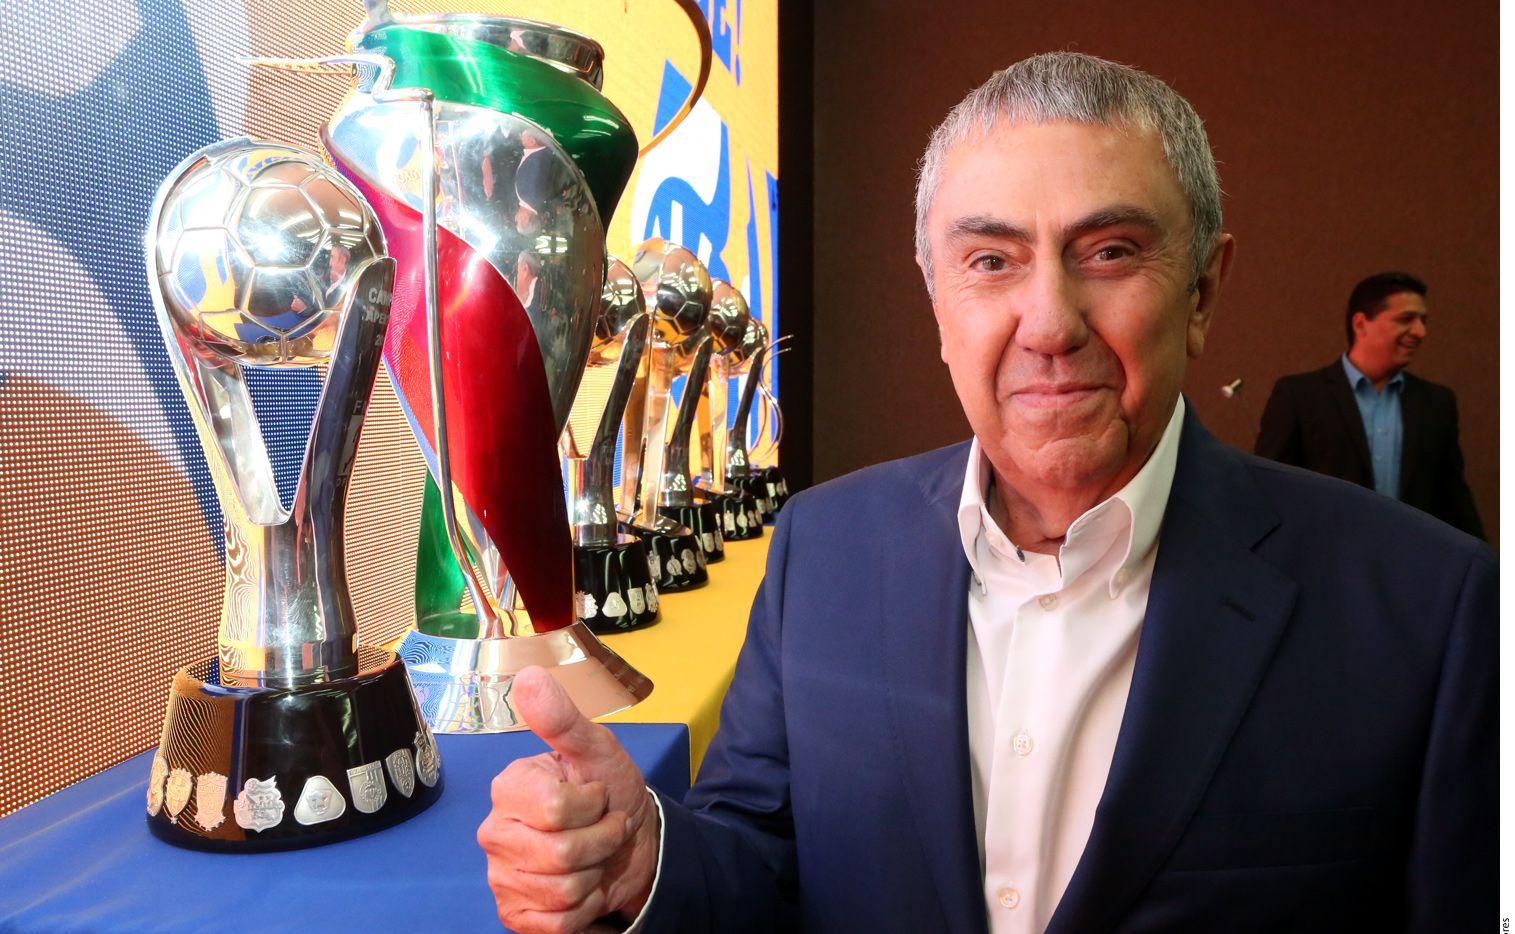 Tigres Anunció El Retiro De La Presidencia Del Equipo De Alejandro Rodríguez